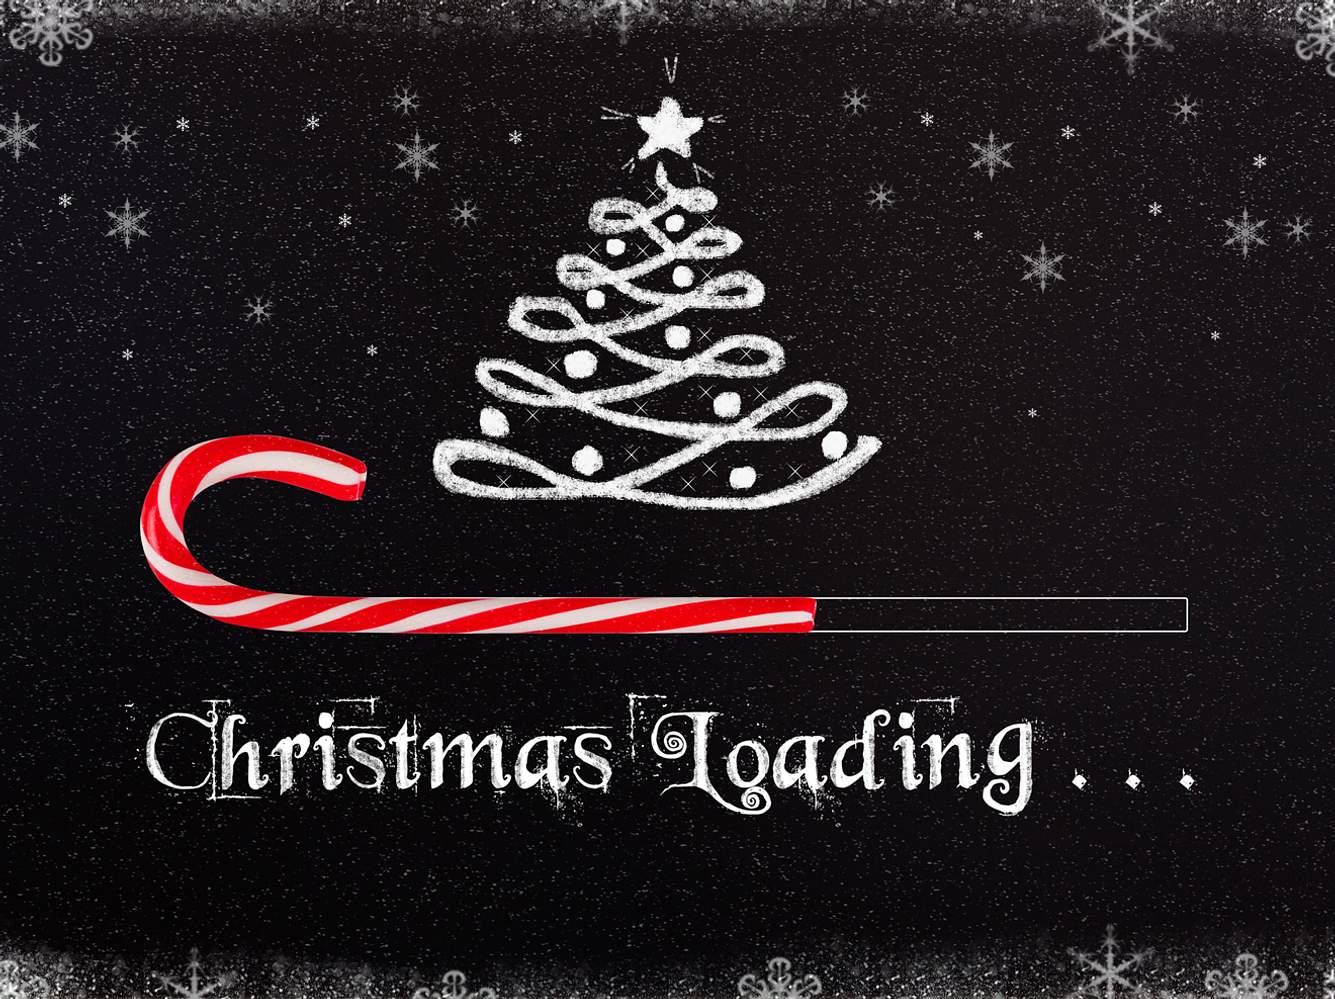 Sprüche zu Weihnachten: Ob per Grußkarte oder digital - wir haben die lustigsten und besinnlichsten Grüße!